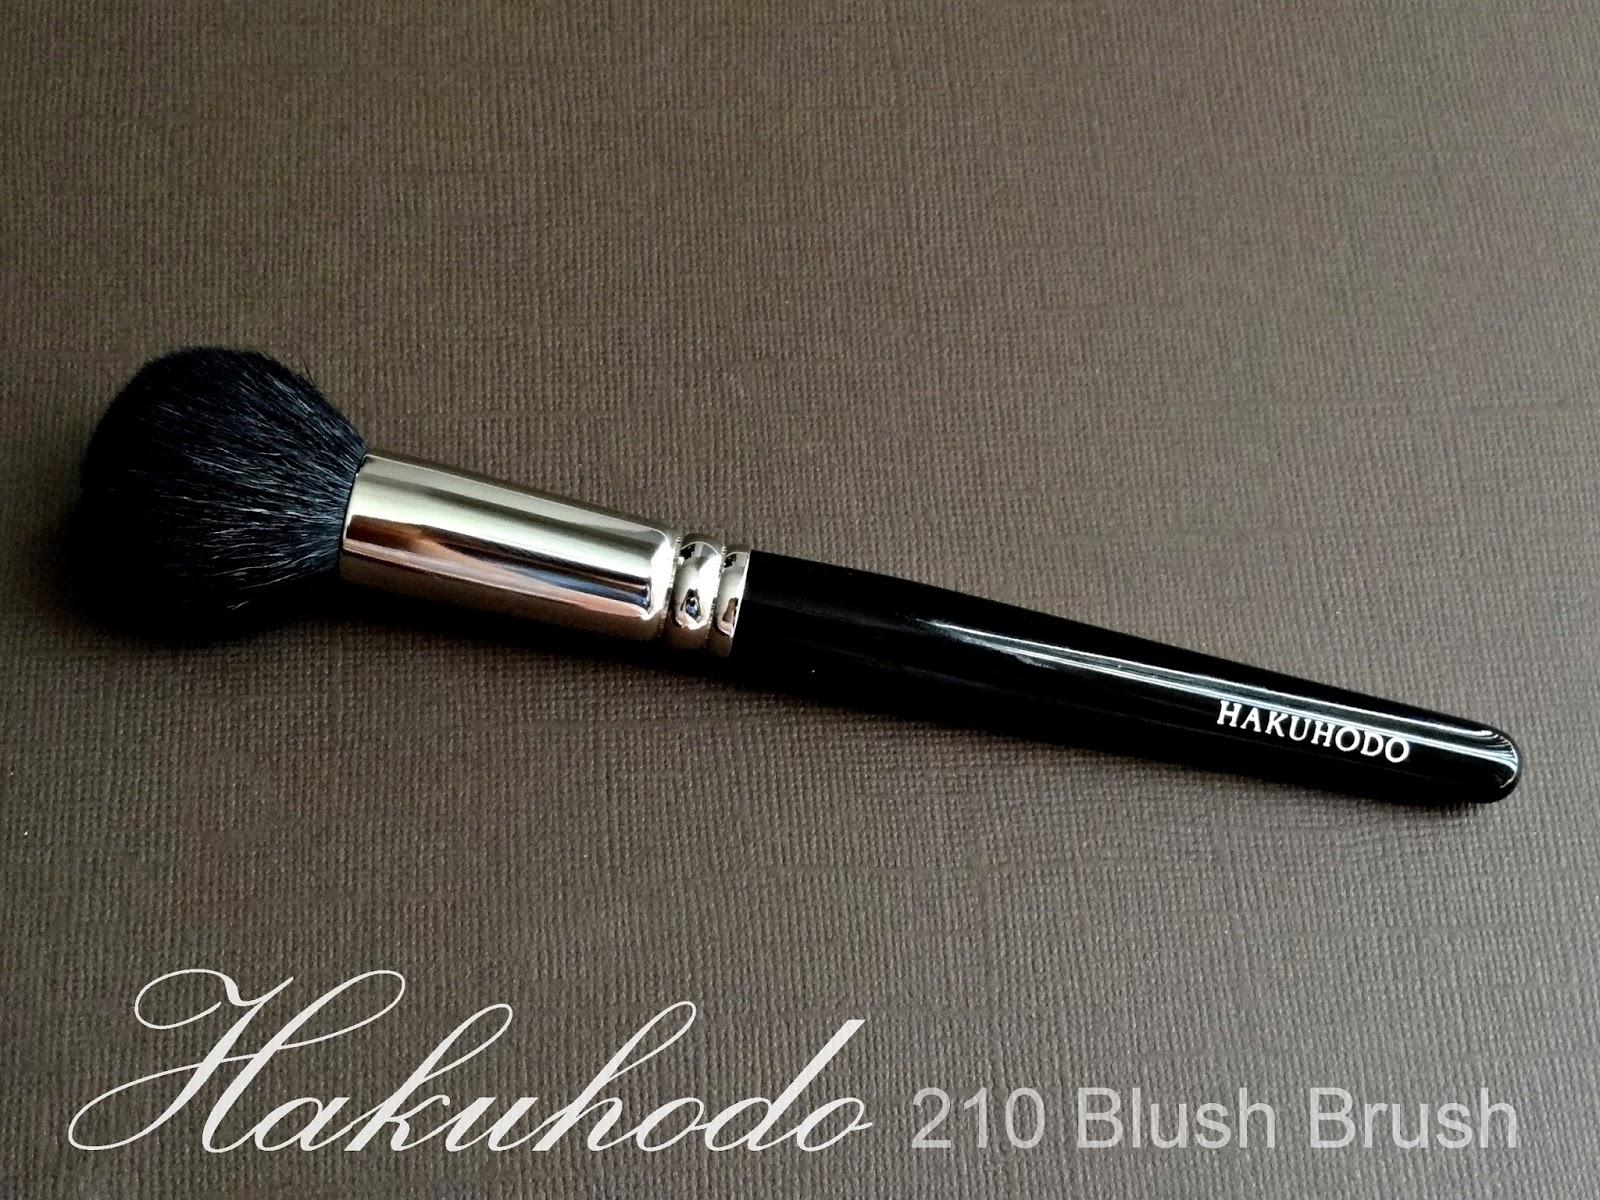 Hakuhodo 210 Blush Brush Round Review, Photos